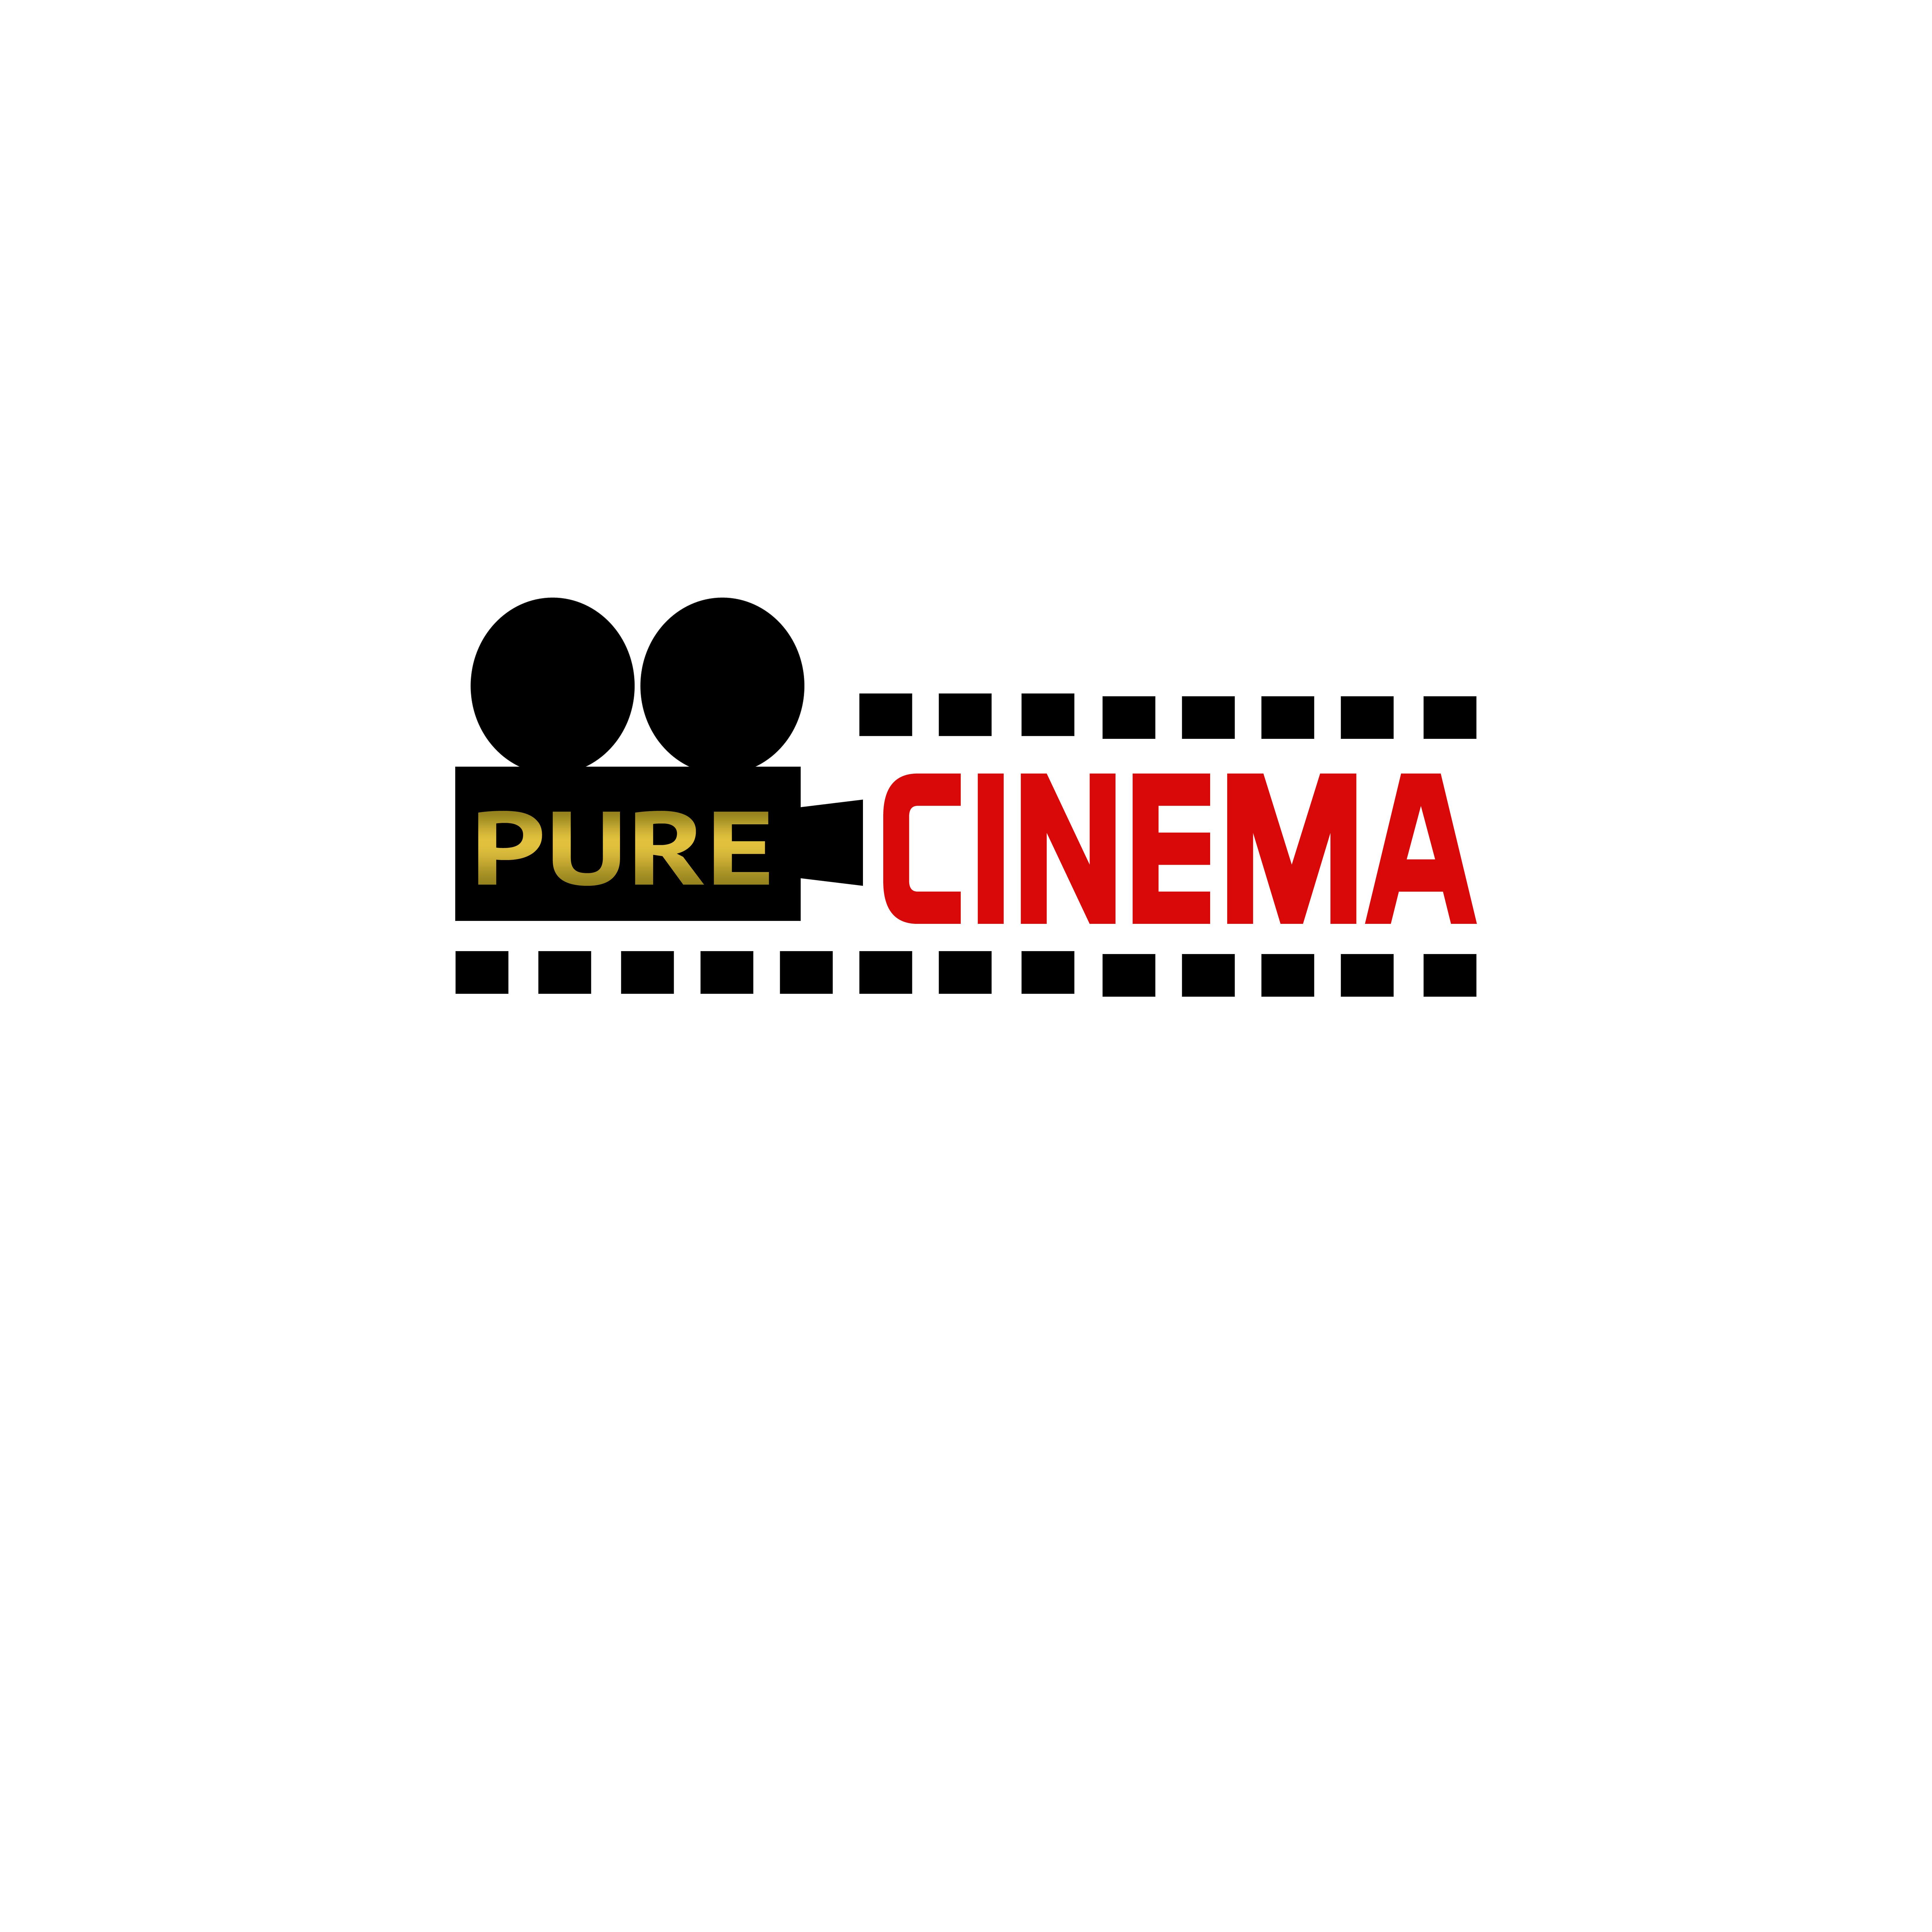 Logo Design by Allan Esclamado - Entry No. 76 in the Logo Design Contest Imaginative Logo Design for Pure Cinema.